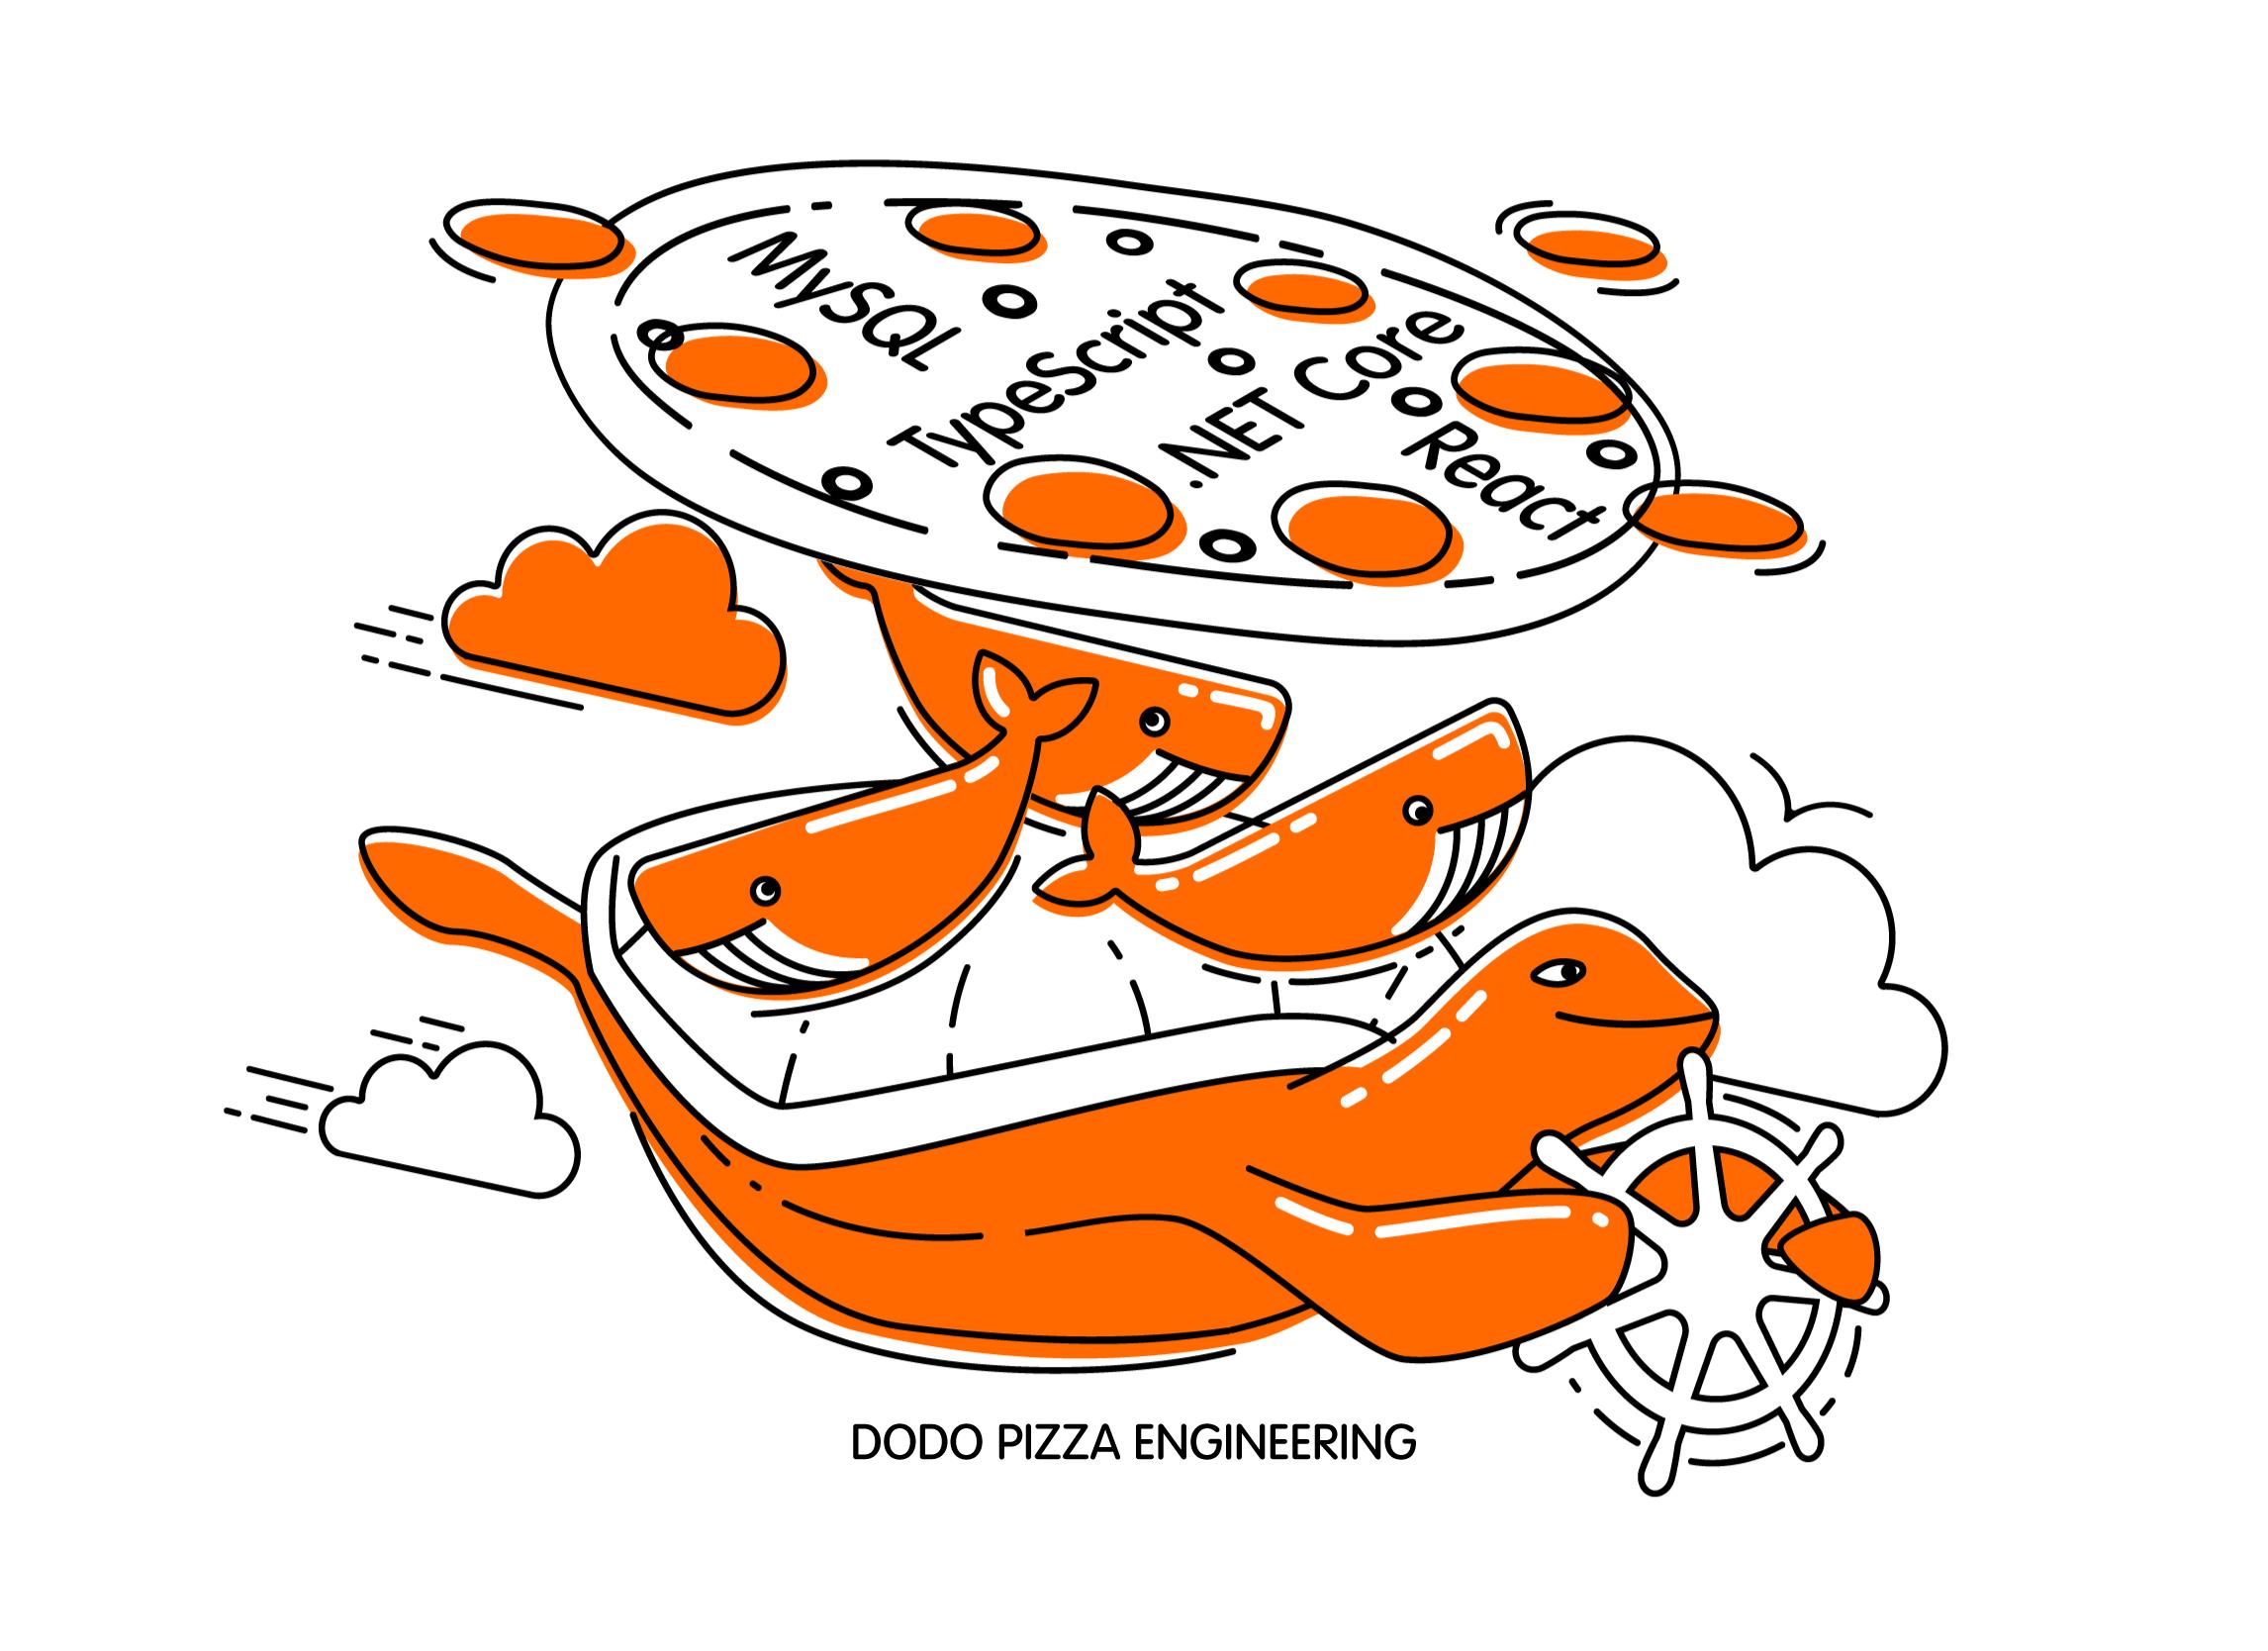 День, когда Dodo IS остановилась. Синхронный сценарий